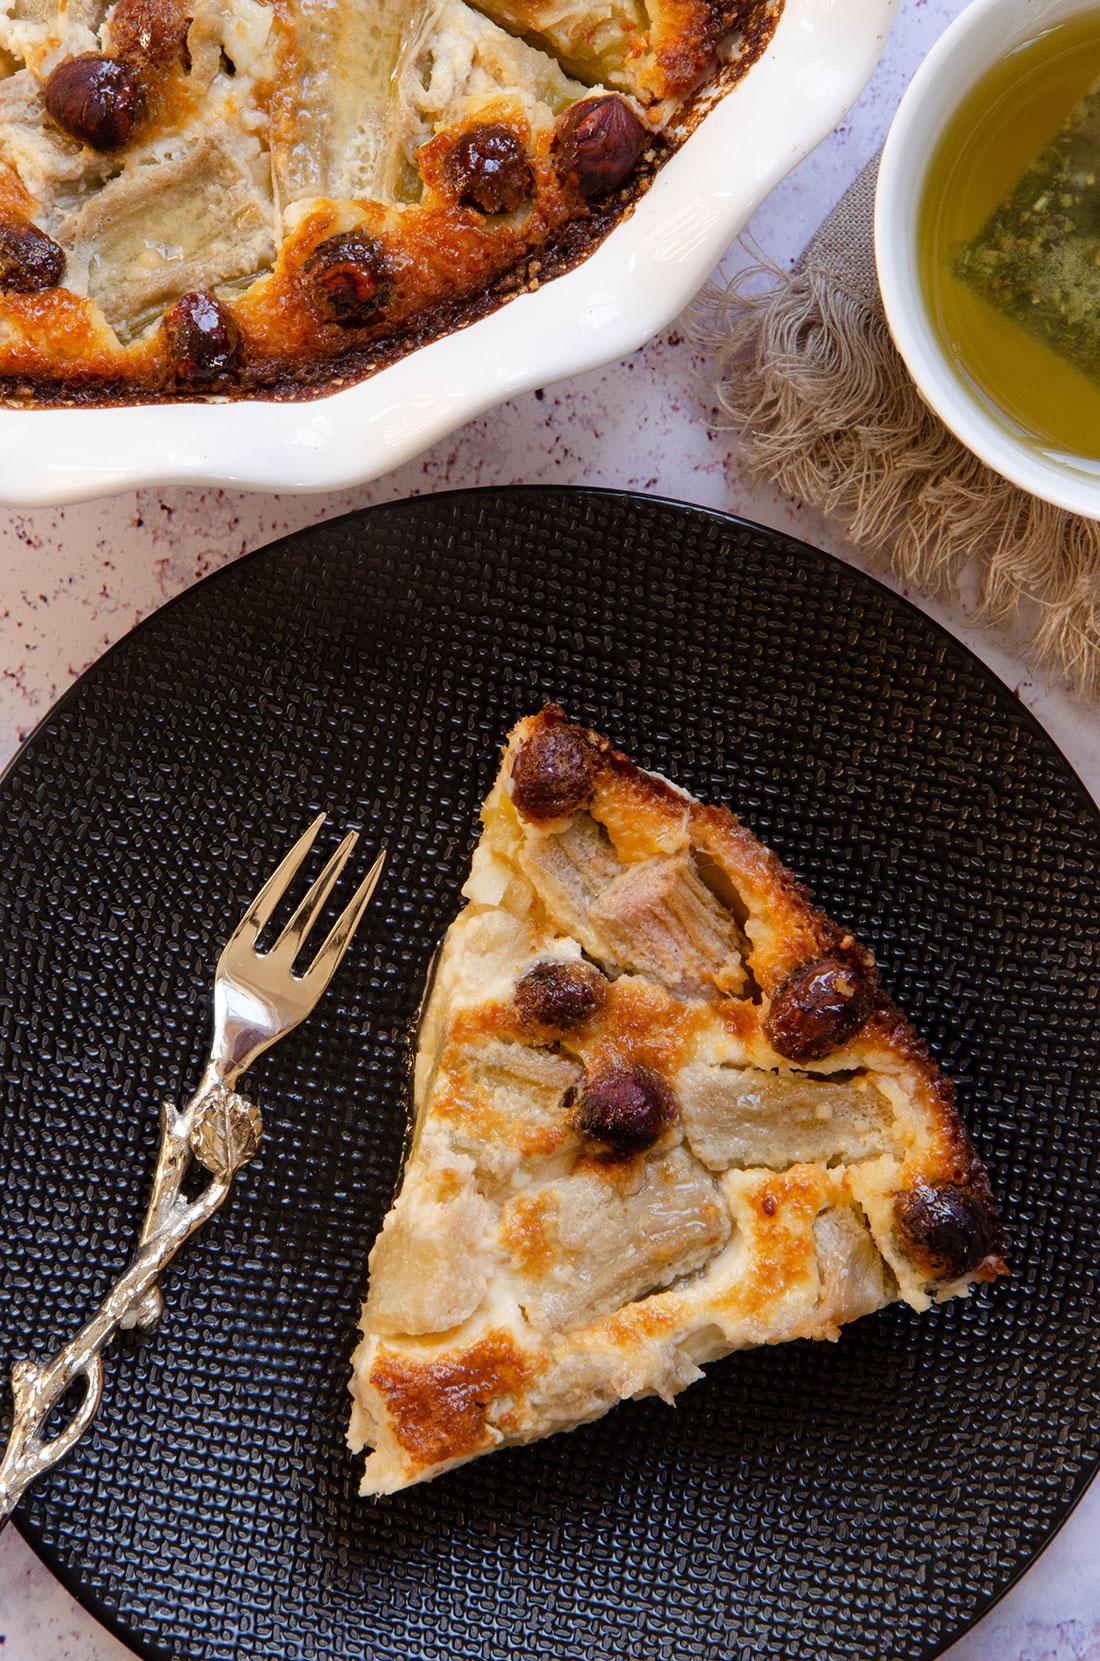 Clafoutis rhubarbe noisettes fait maison